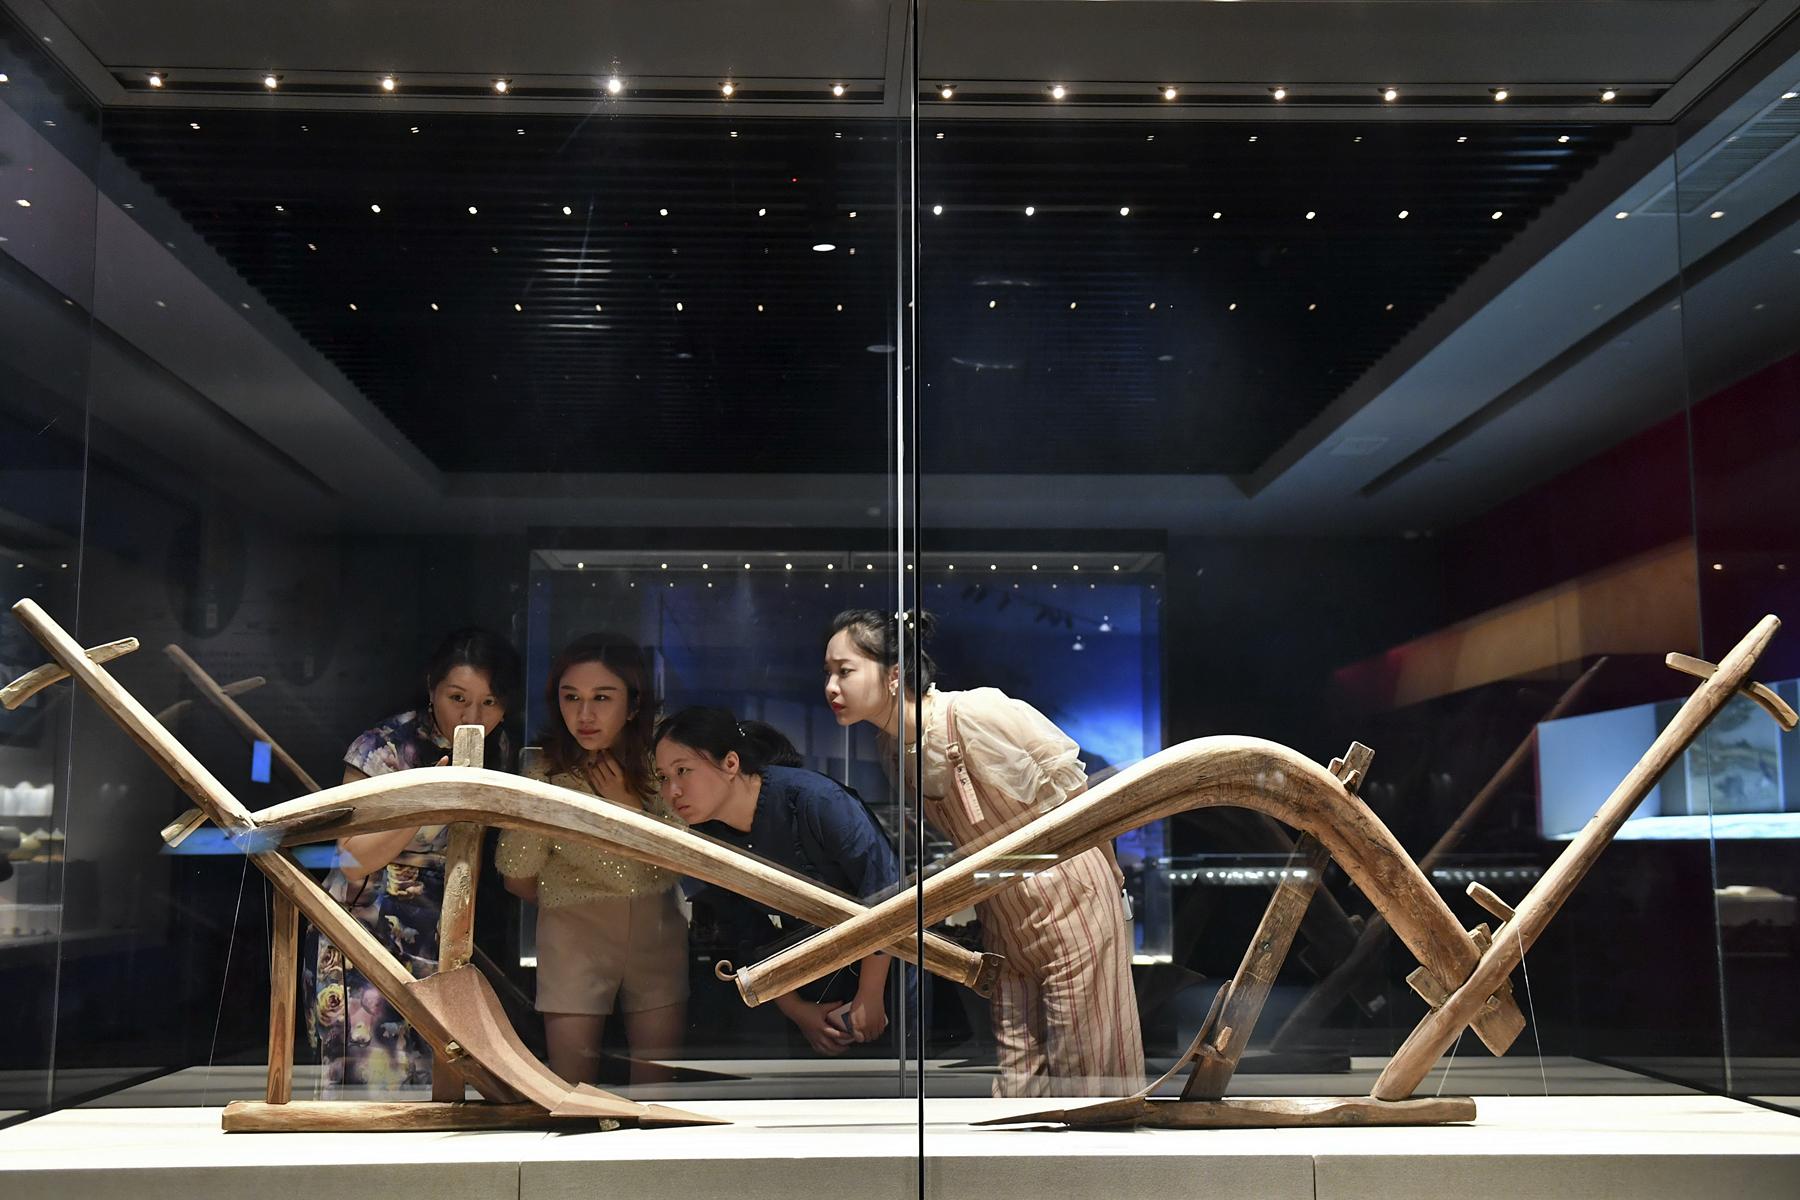 陈设在展厅中央的曲辕犁是极具代表性的农耕用具之一。 长沙晚报全媒体记者 王志伟 摄